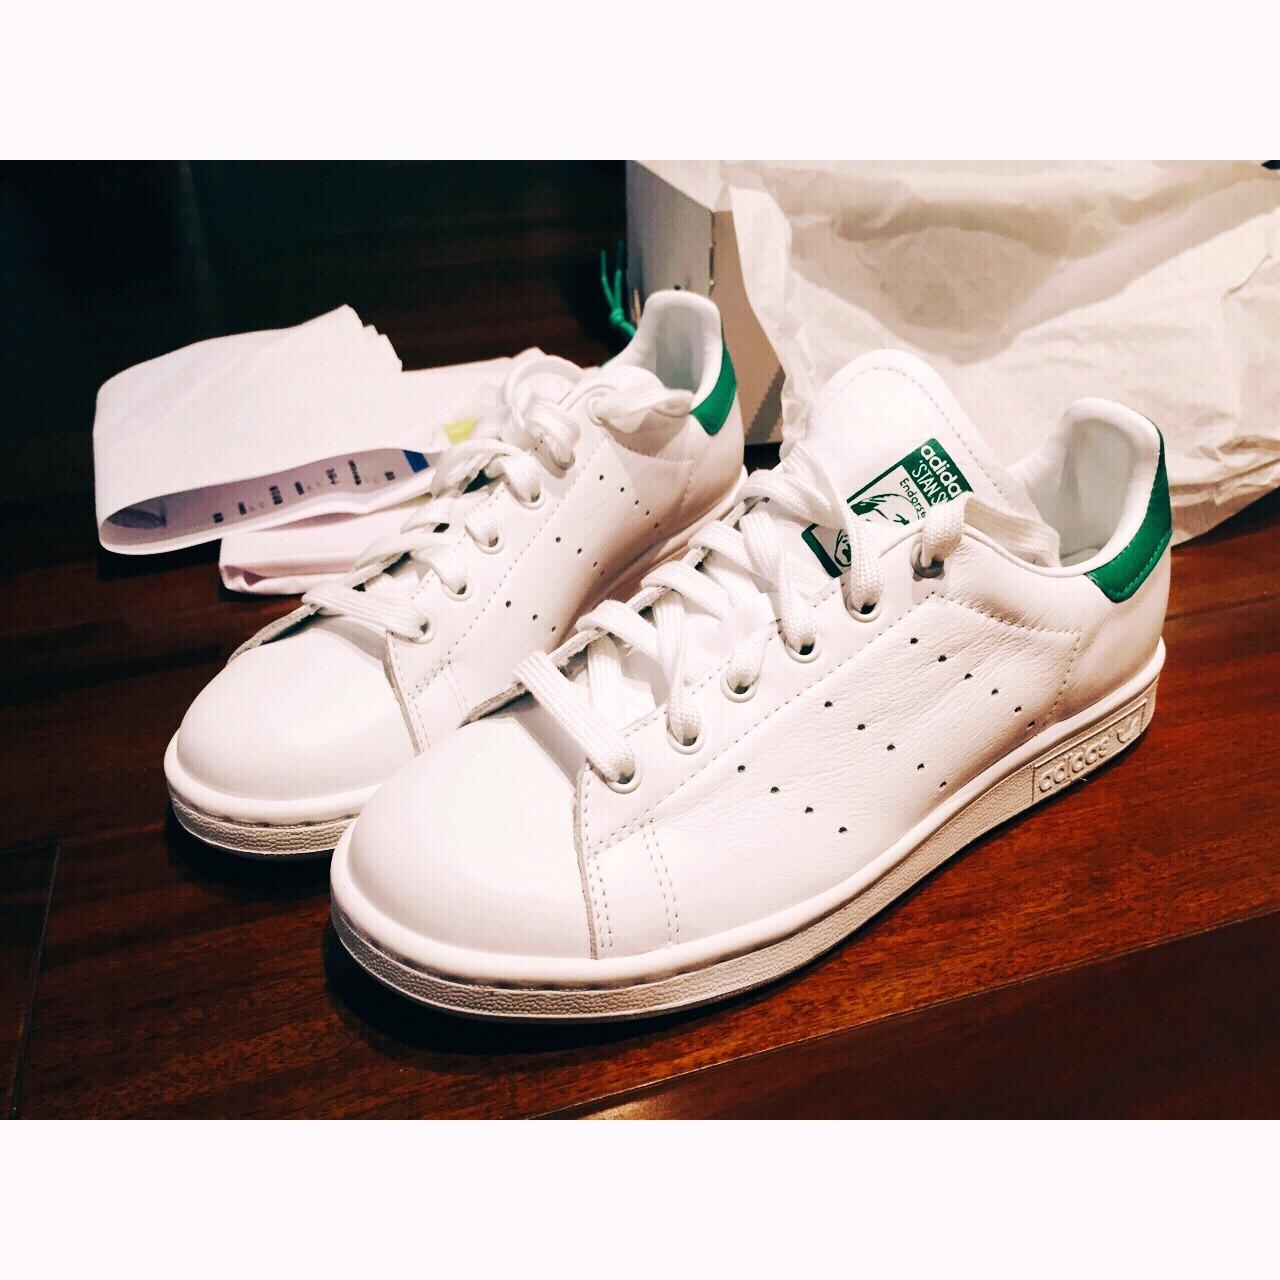 originalsstan smith_订单_替换鞋带_价格_怎么样_stan smith 小白鞋图片